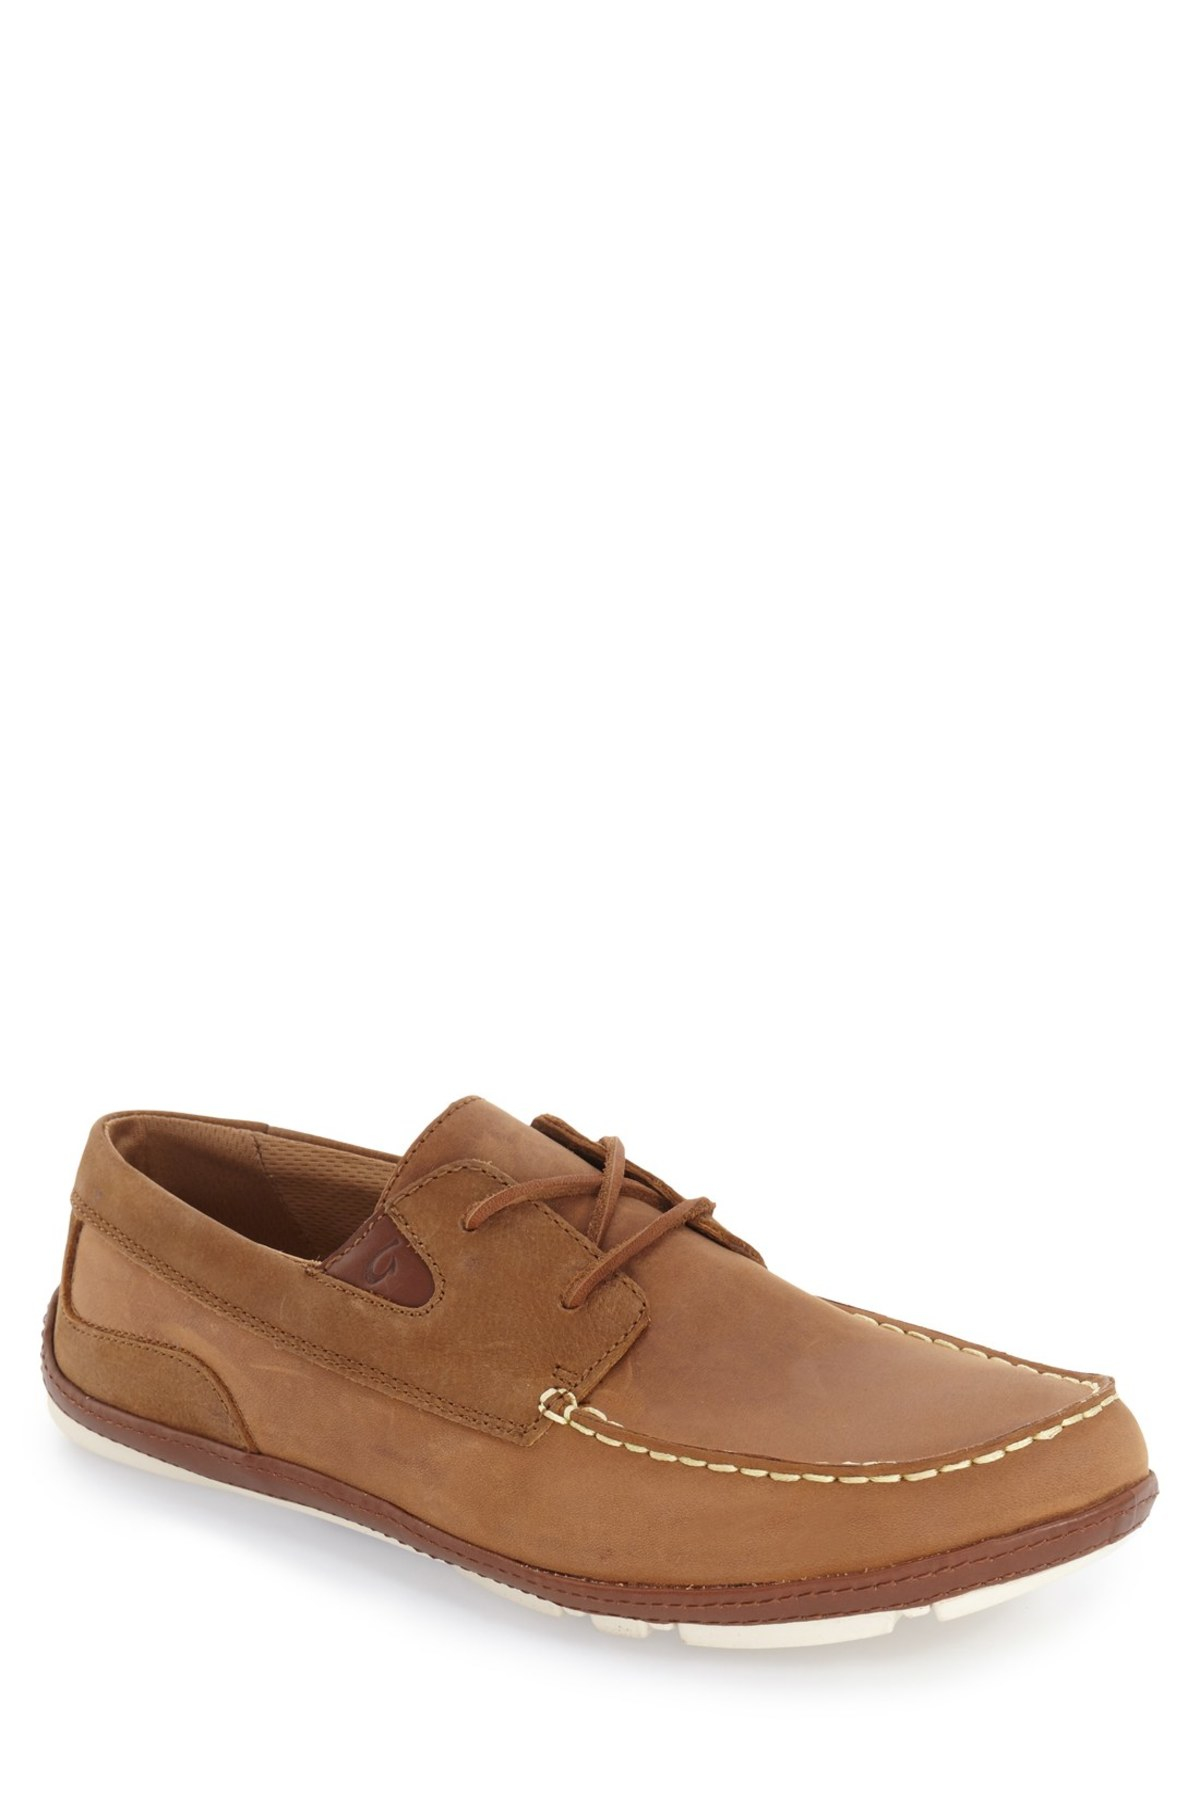 Shoe Padded For Comfort Asos Men